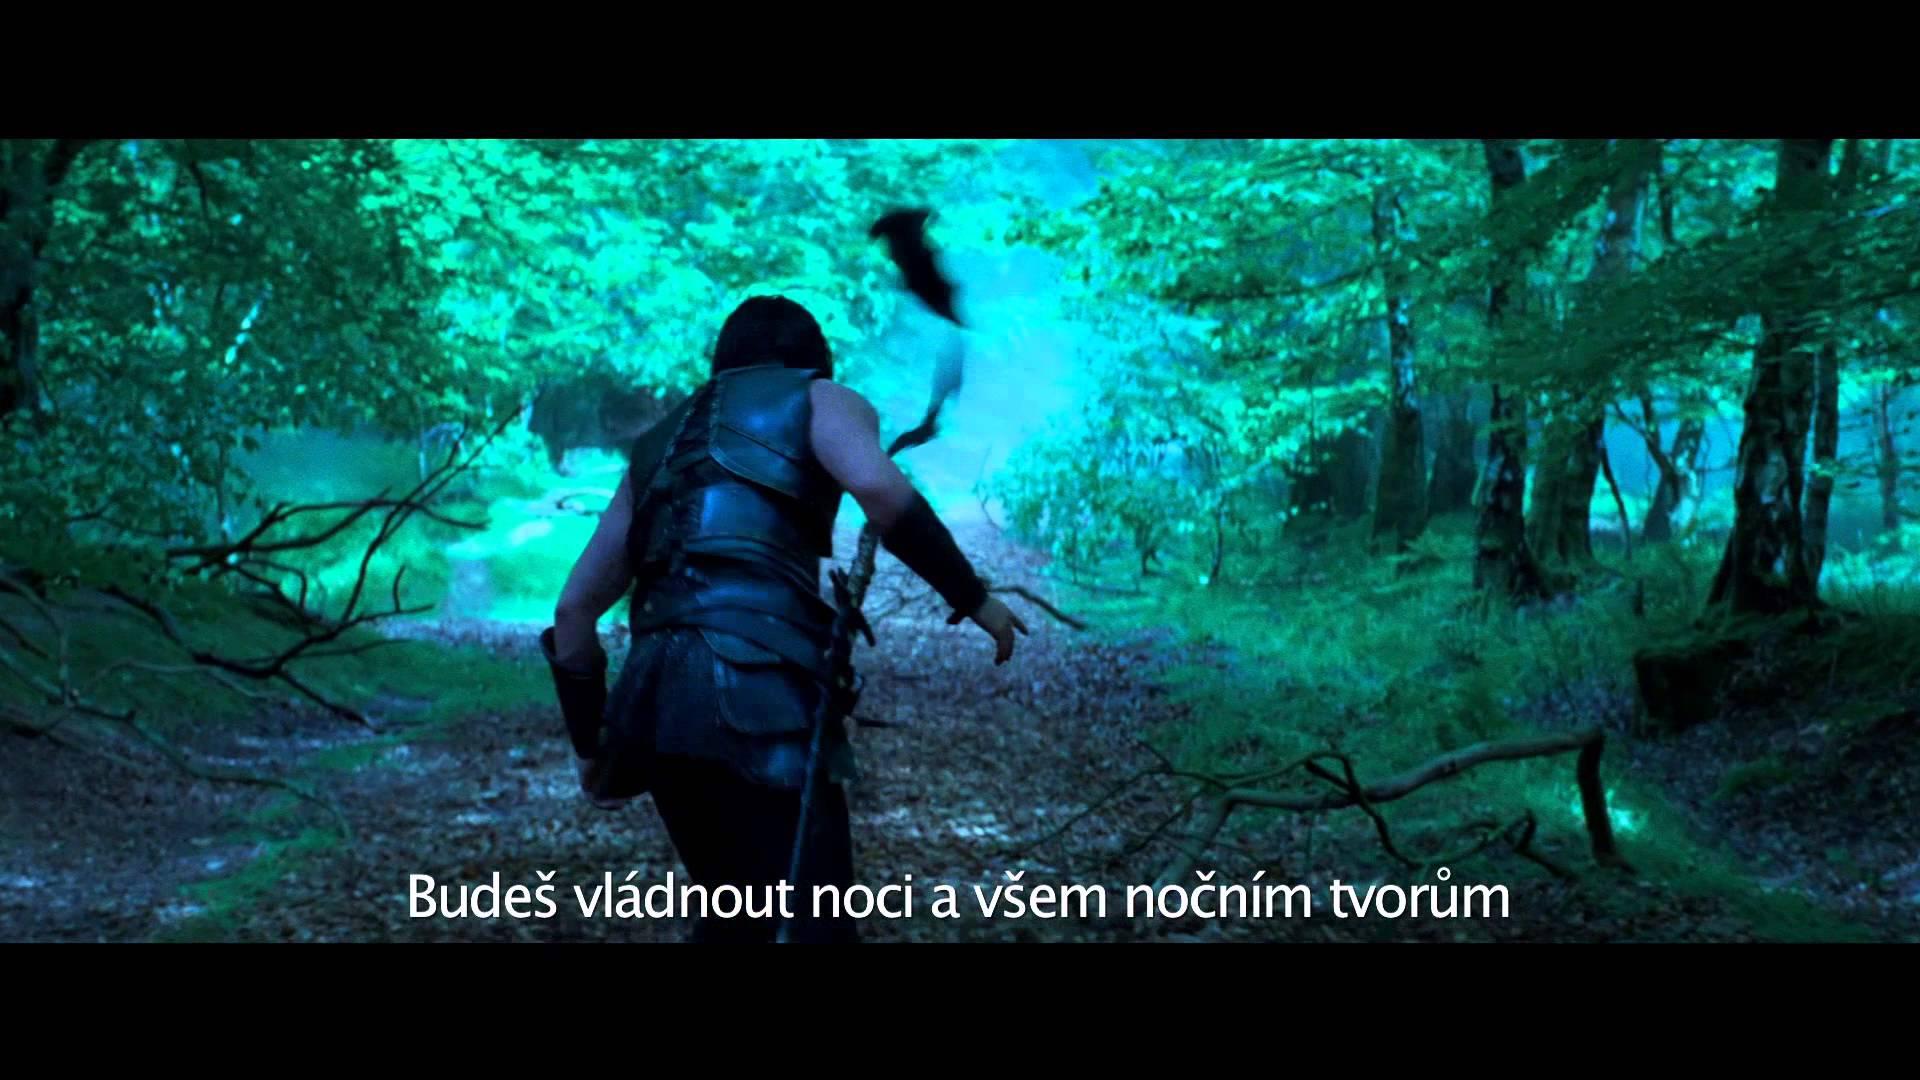 Drákula: Neznámá legenda (Dracula Untold) - český HD trailer